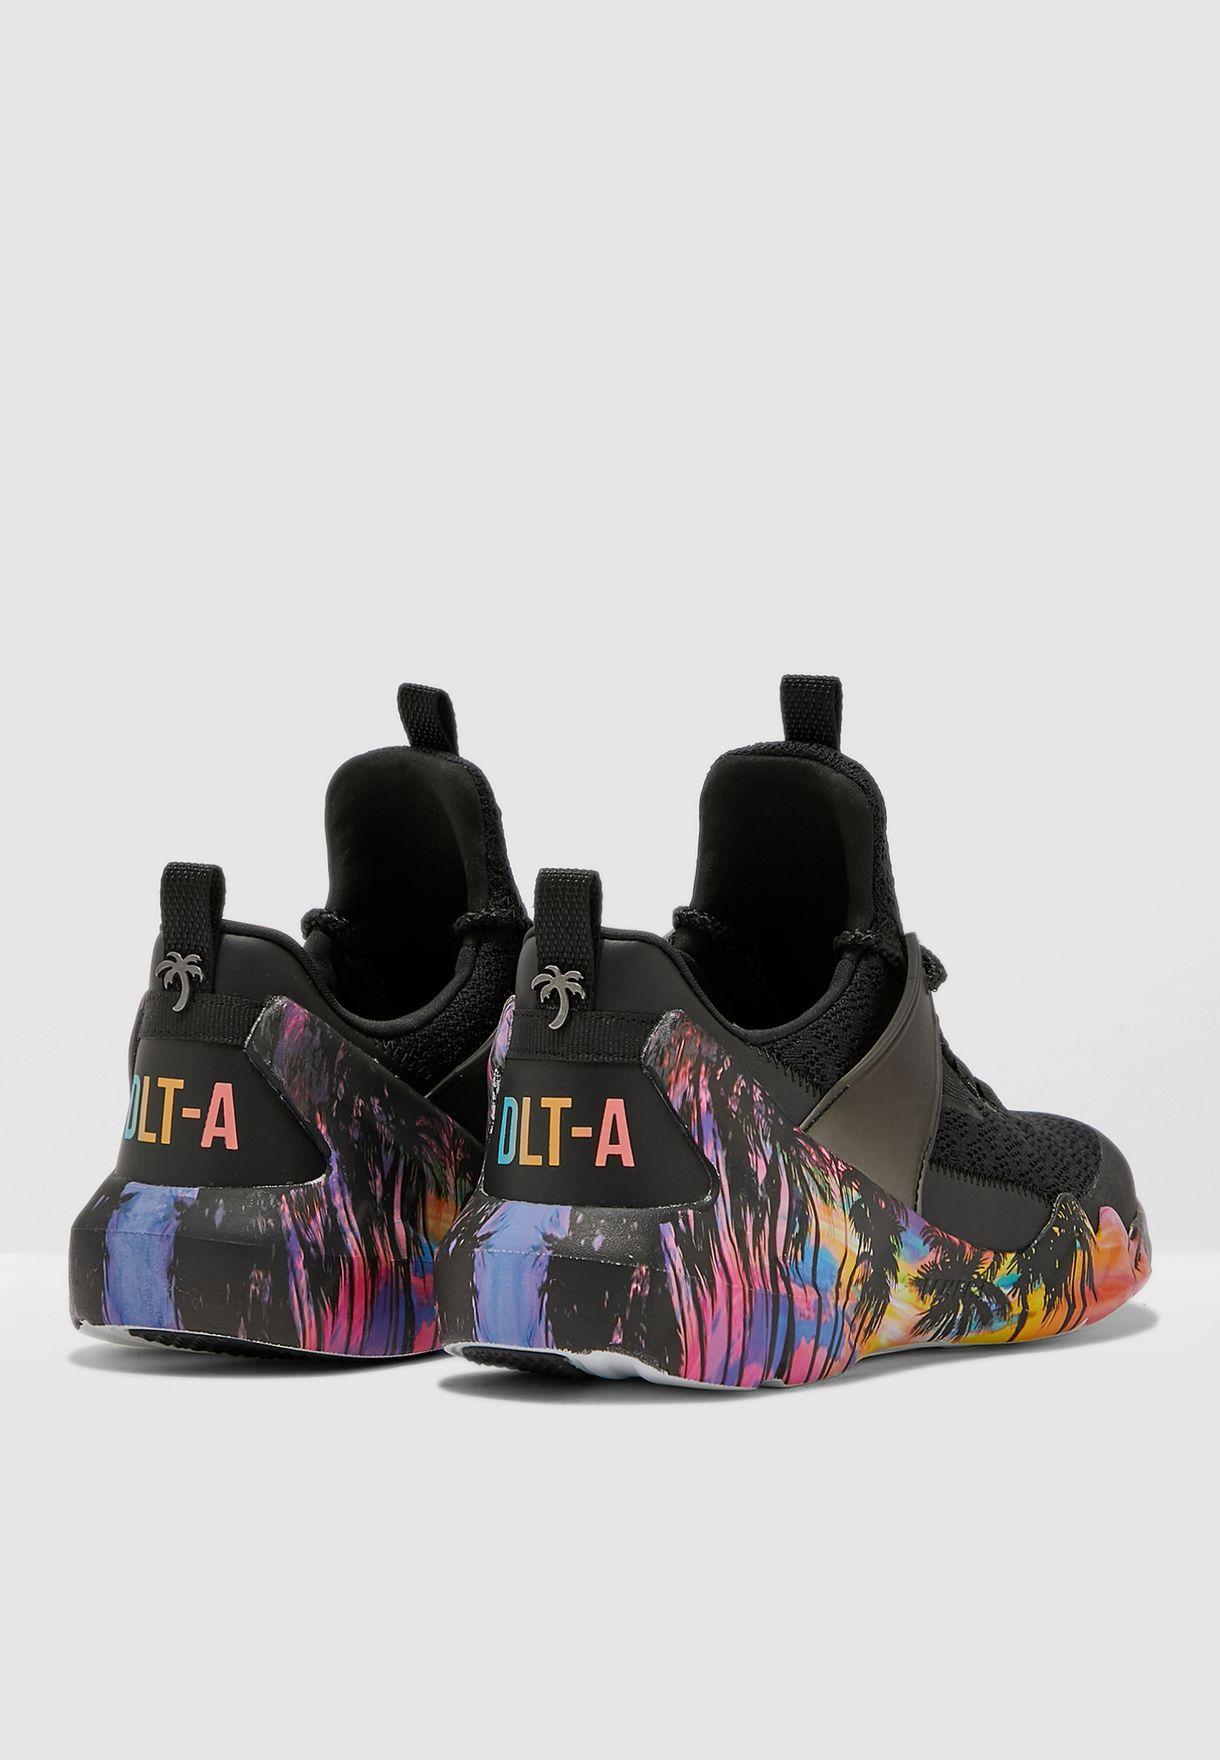 حذاء من مجموعة دي ال تي-ايه